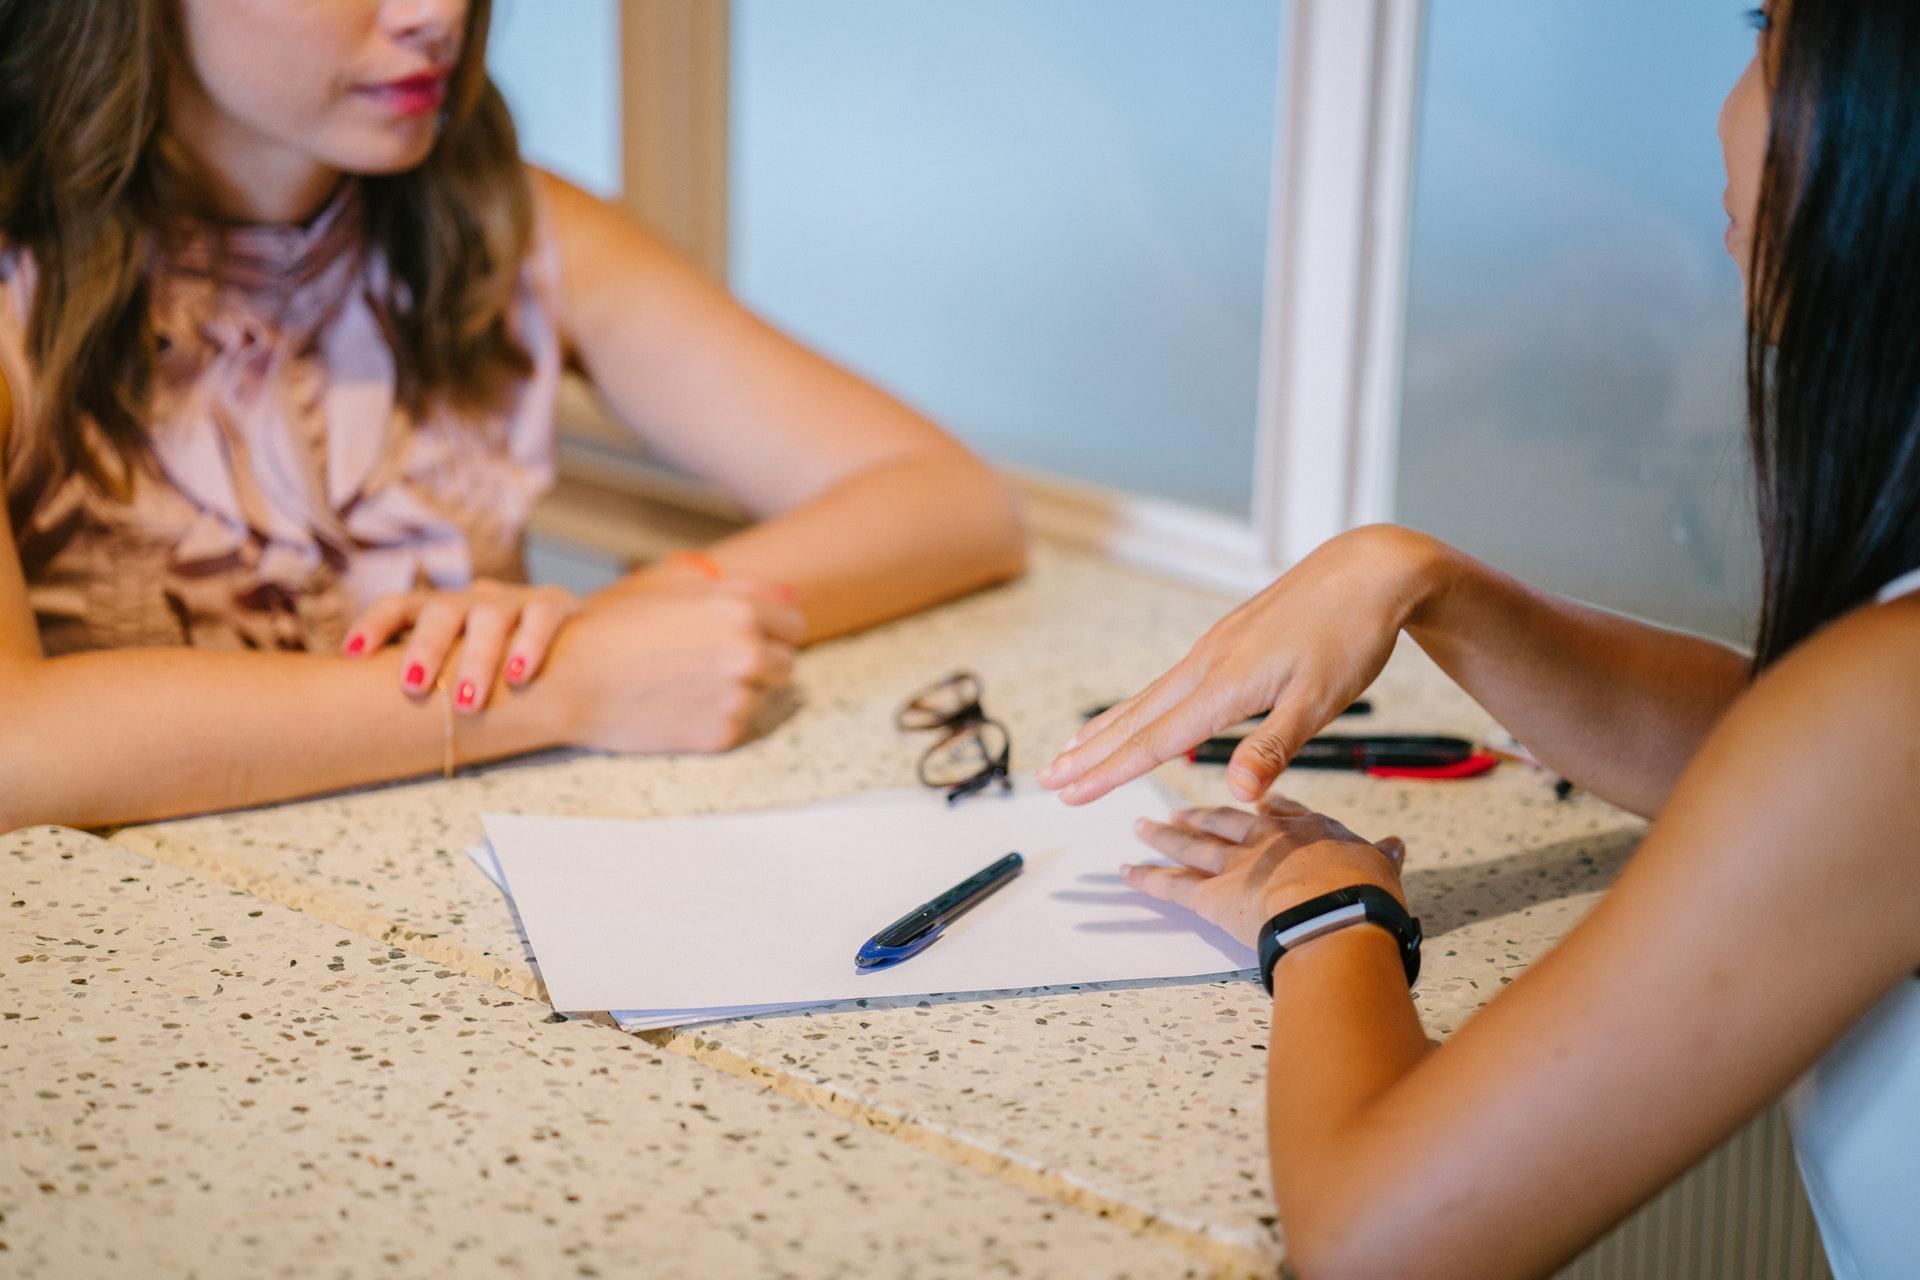 Två kvinnor pratar vid ett bord